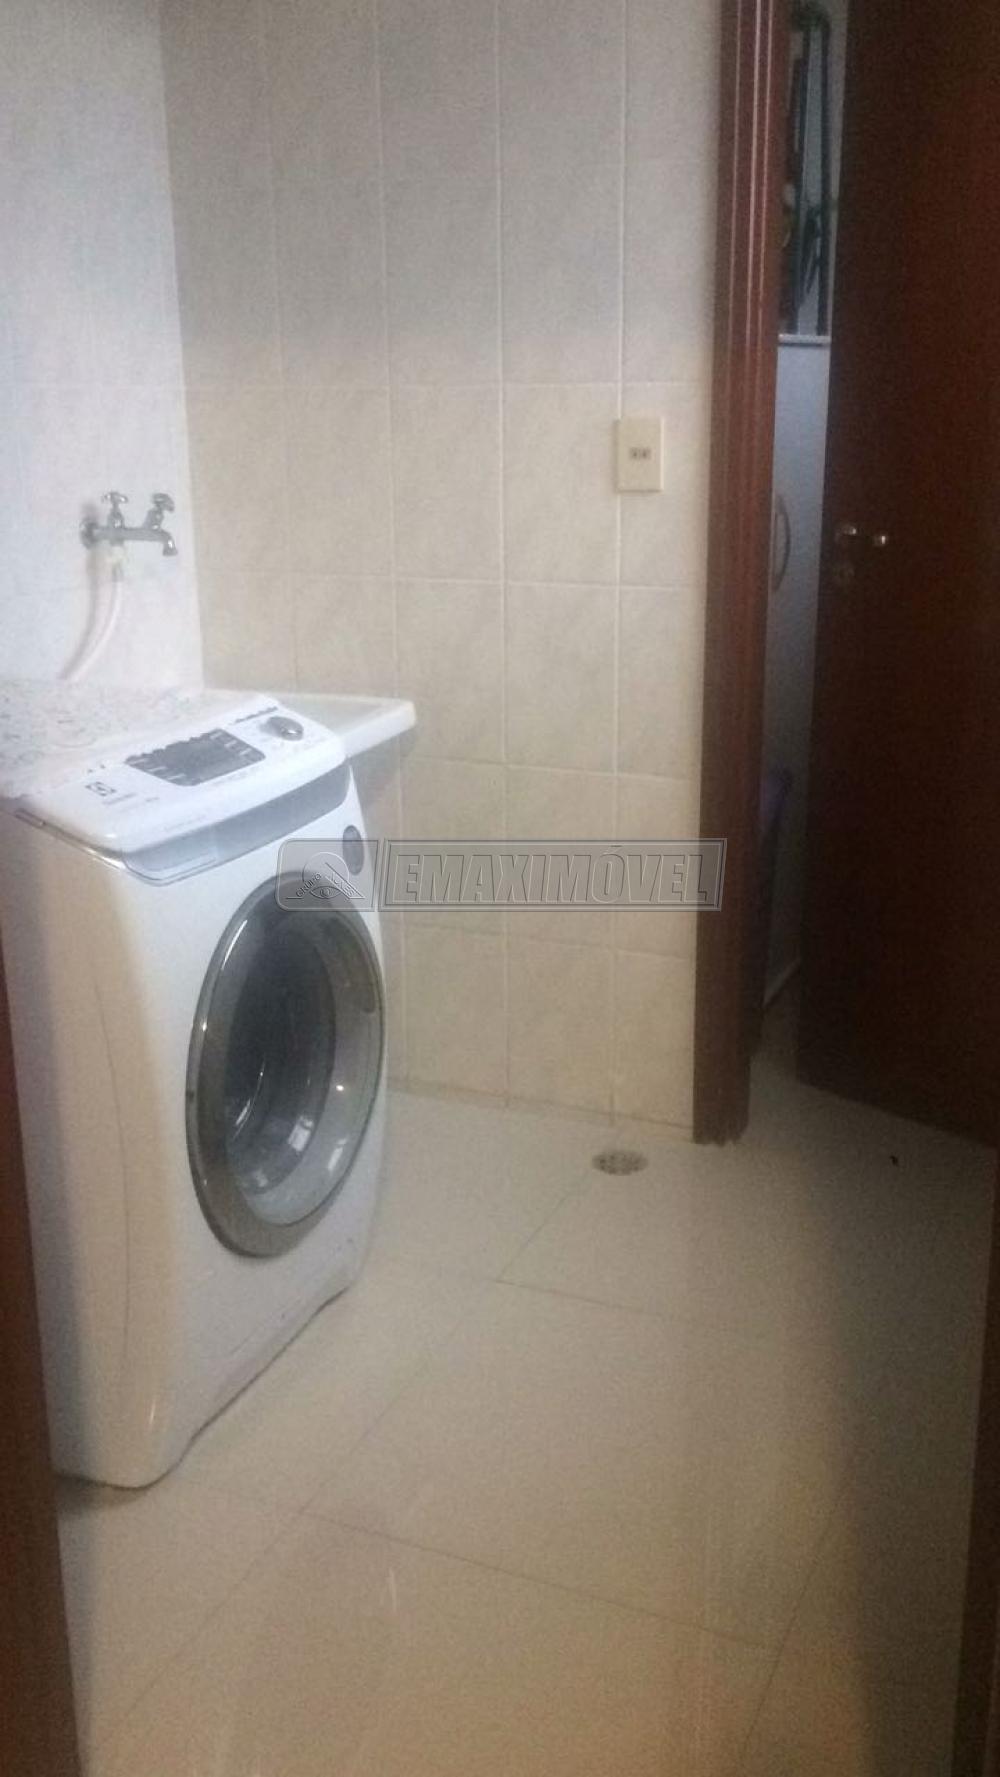 Comprar Apartamentos / Apto Padrão em Sorocaba apenas R$ 440.000,00 - Foto 17